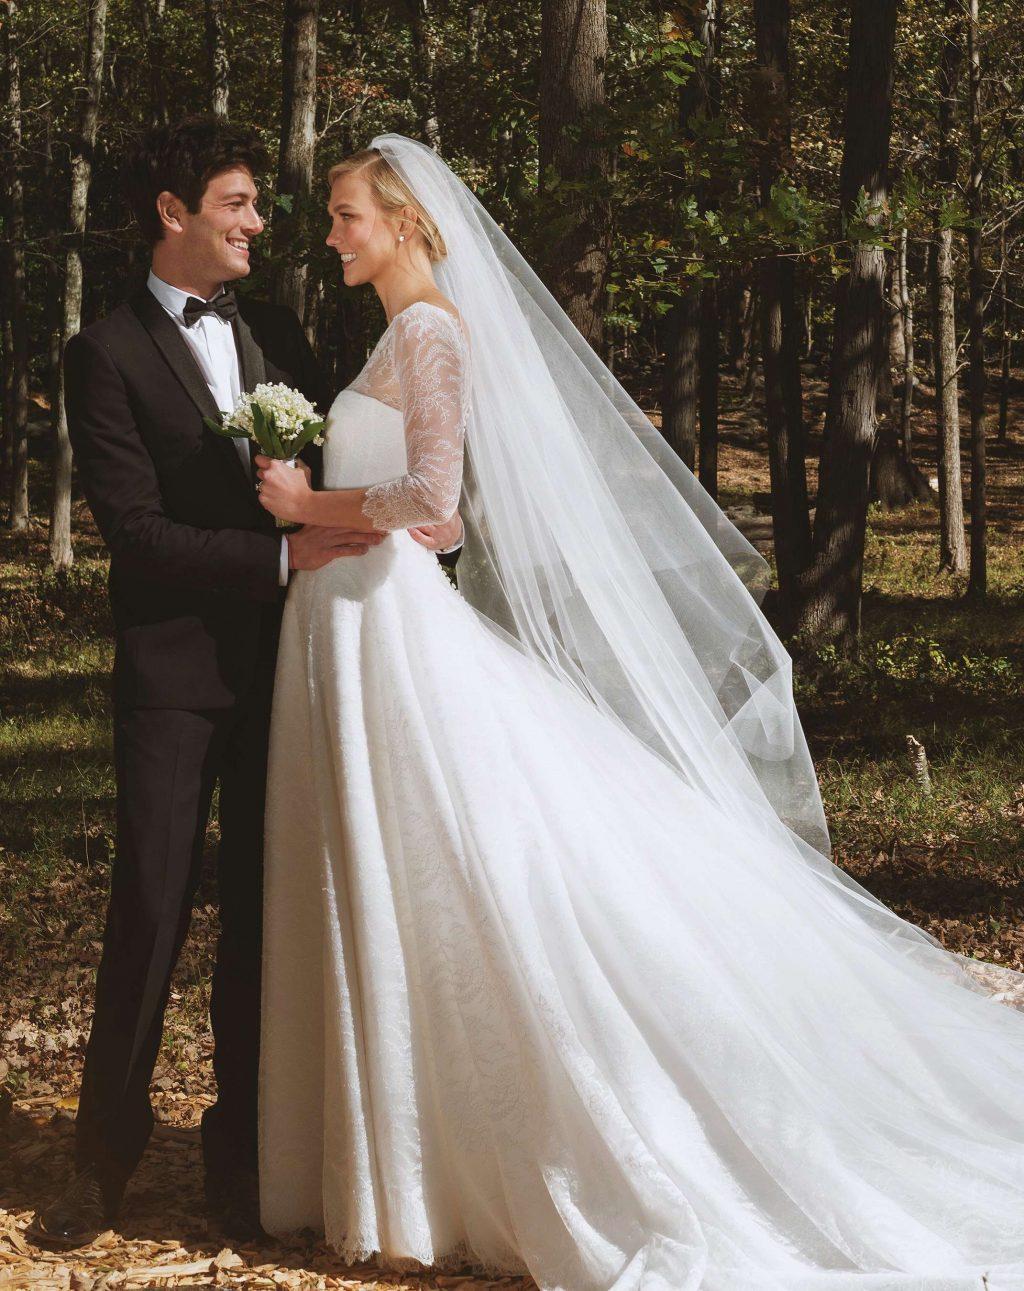 váy cưới đẹp của sao 2018 14